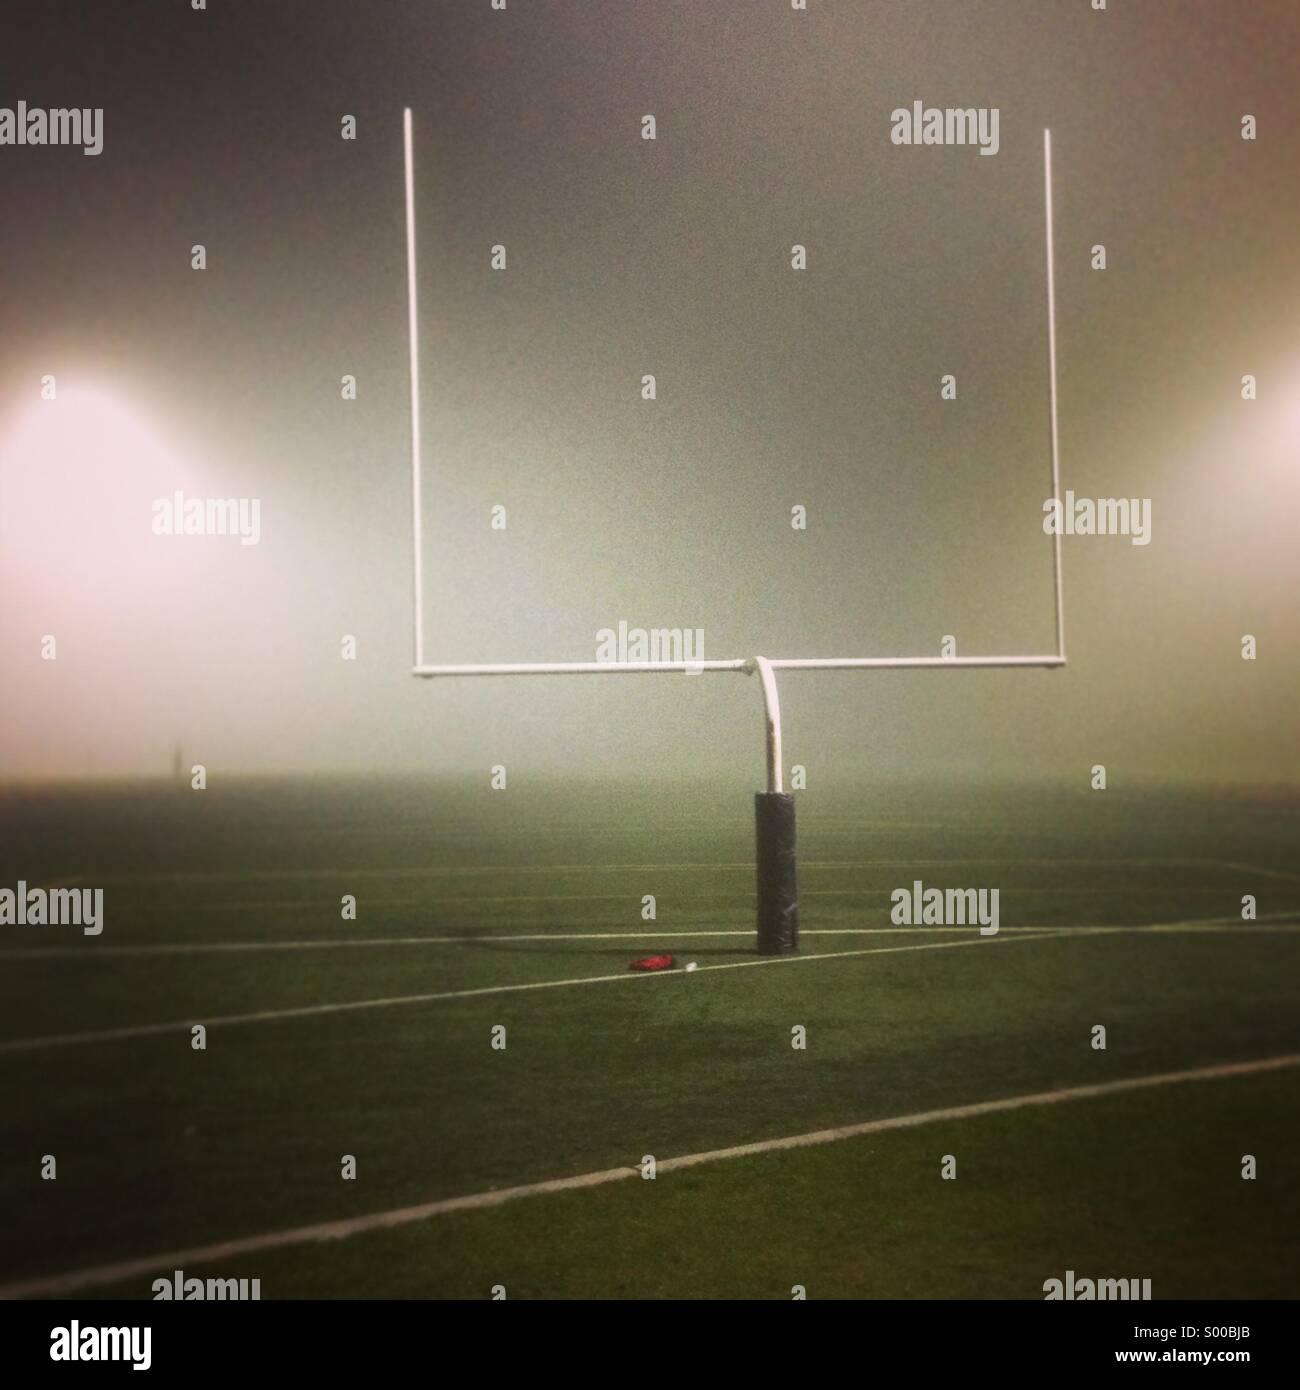 Terrain de football et de poteau de but enveloppé dans le brouillard pendant la nuit Photo Stock